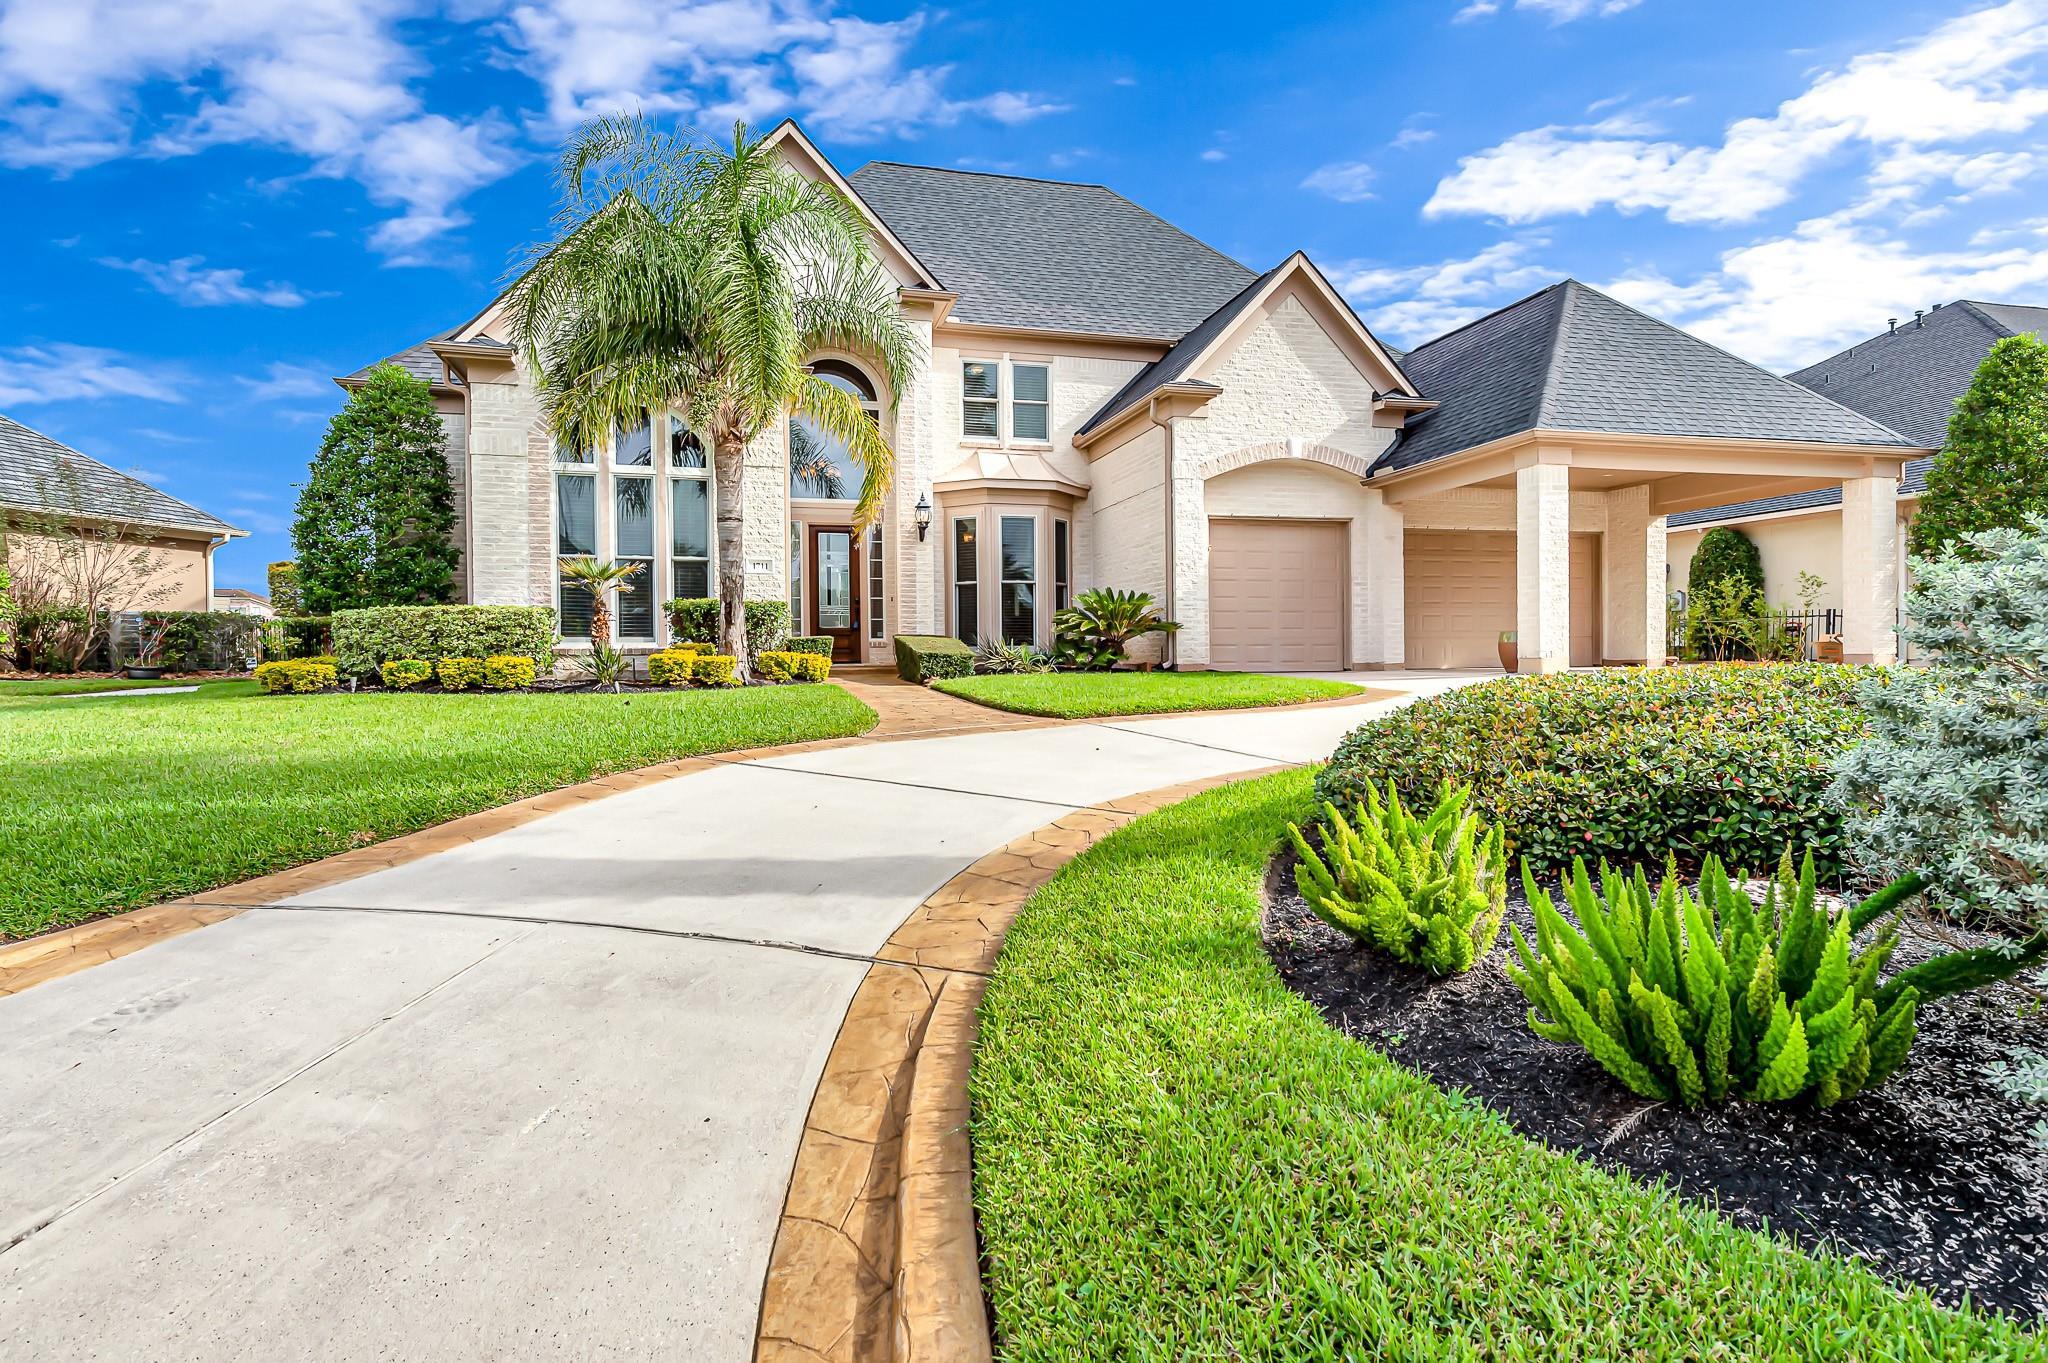 1711 Sparrows Ridge Property Photo - Katy, TX real estate listing